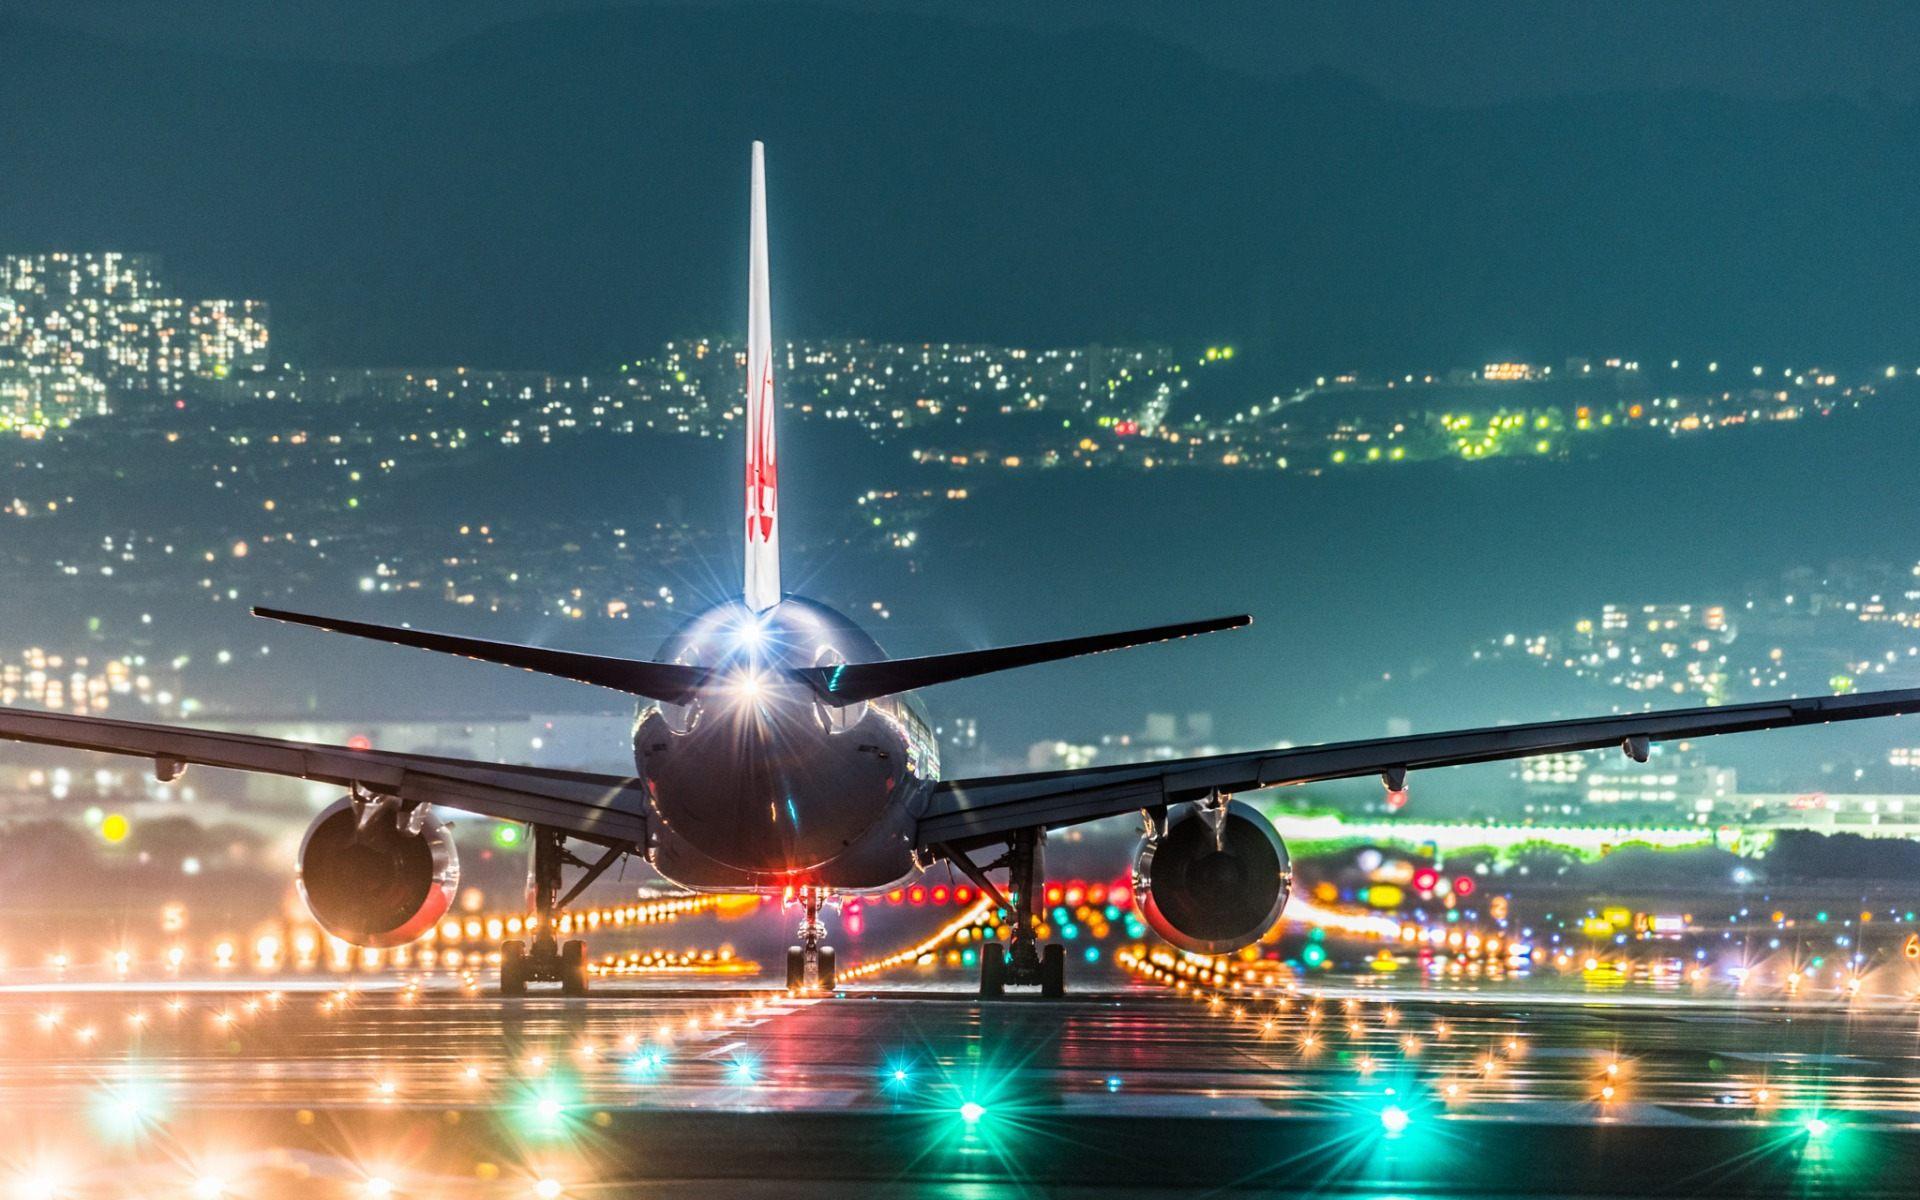 شرکت خدمات مسافرت هوایی و جهانگردی سیما پرواز جام جم (وابسته به صندوق بازنشستگی صدا و سیما)